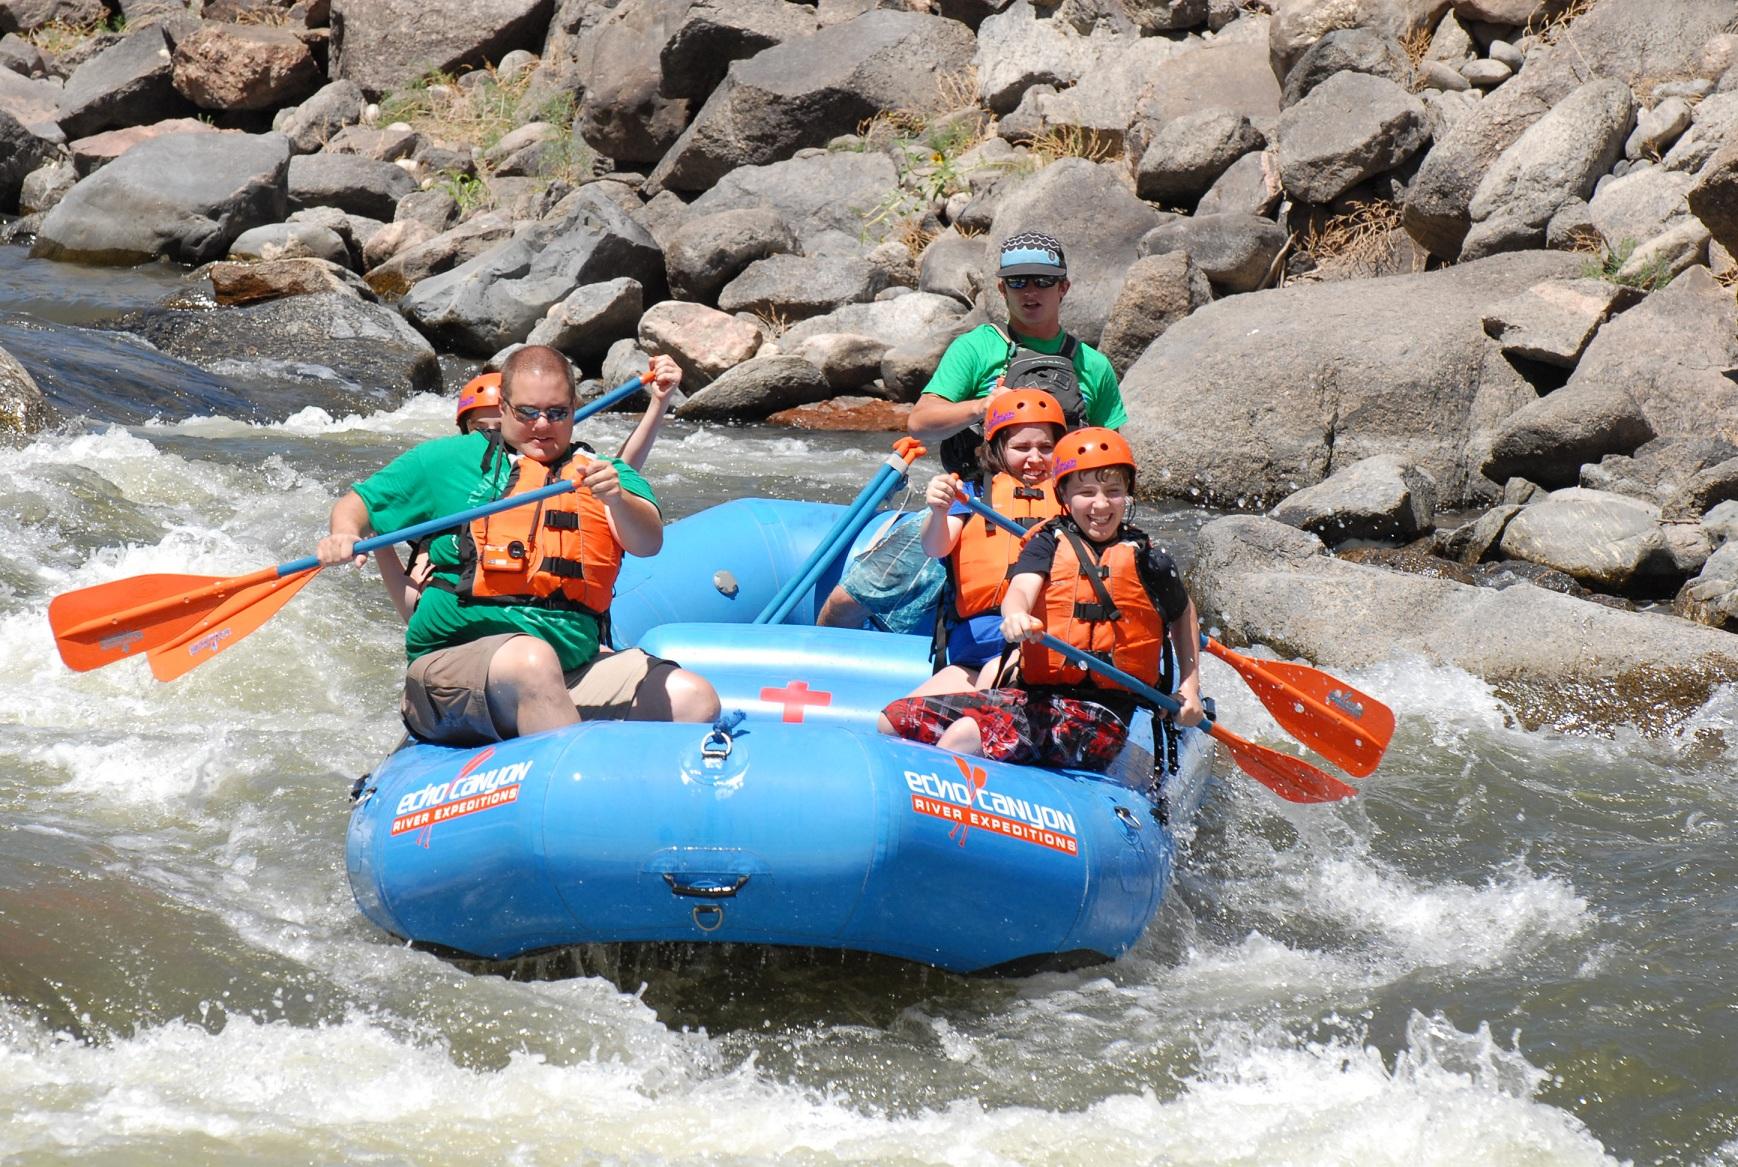 Echo canyon river expeditions arkansas river rafting photo 2